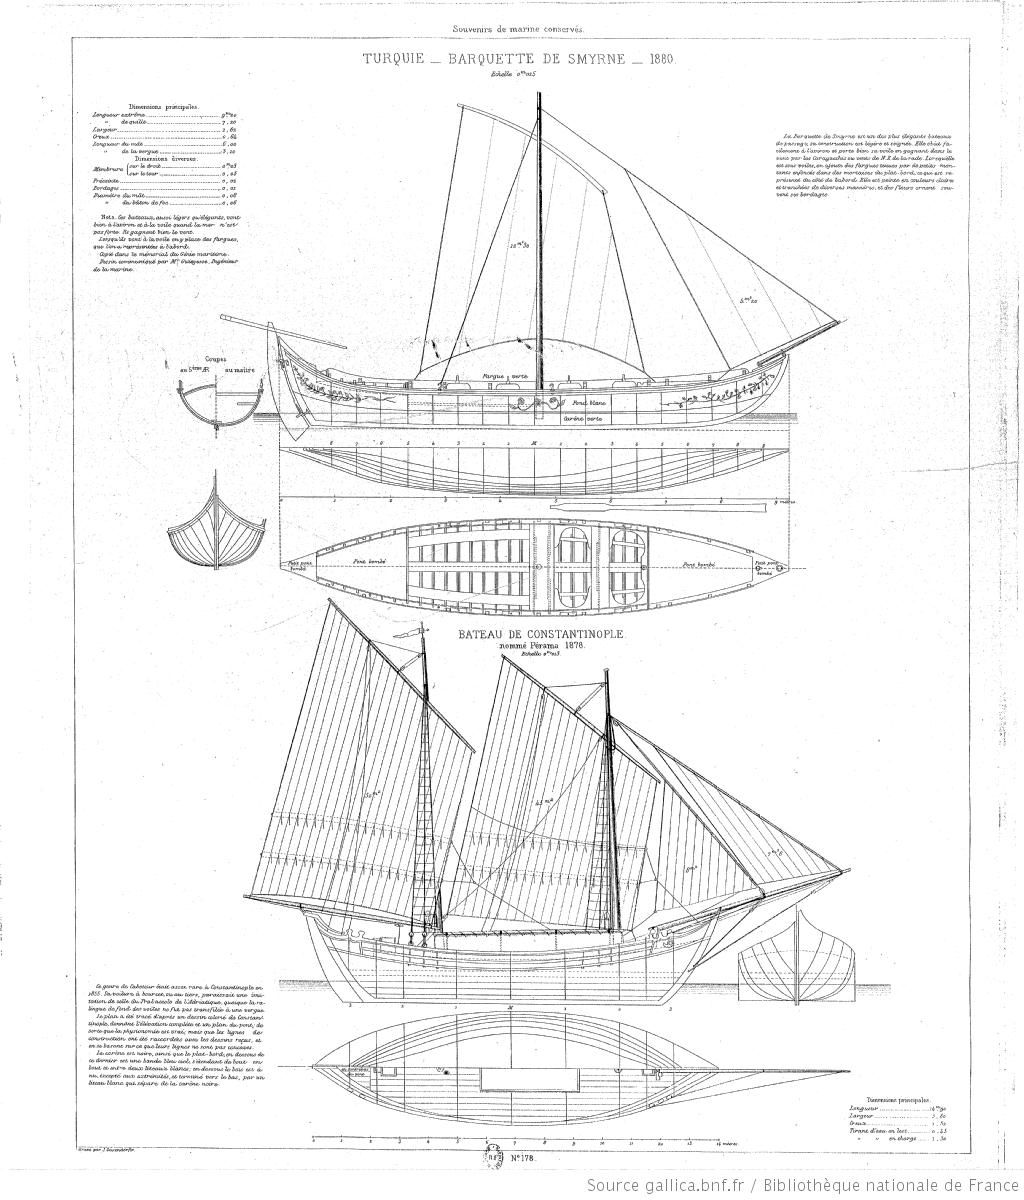 Collection De Plans Ou Dessins De Navires Et De Bateaux Anciens Et Modernes Existants Ou Disparus Avec Les Elements Numeriqu Dessin De Navire Bateaux Navire